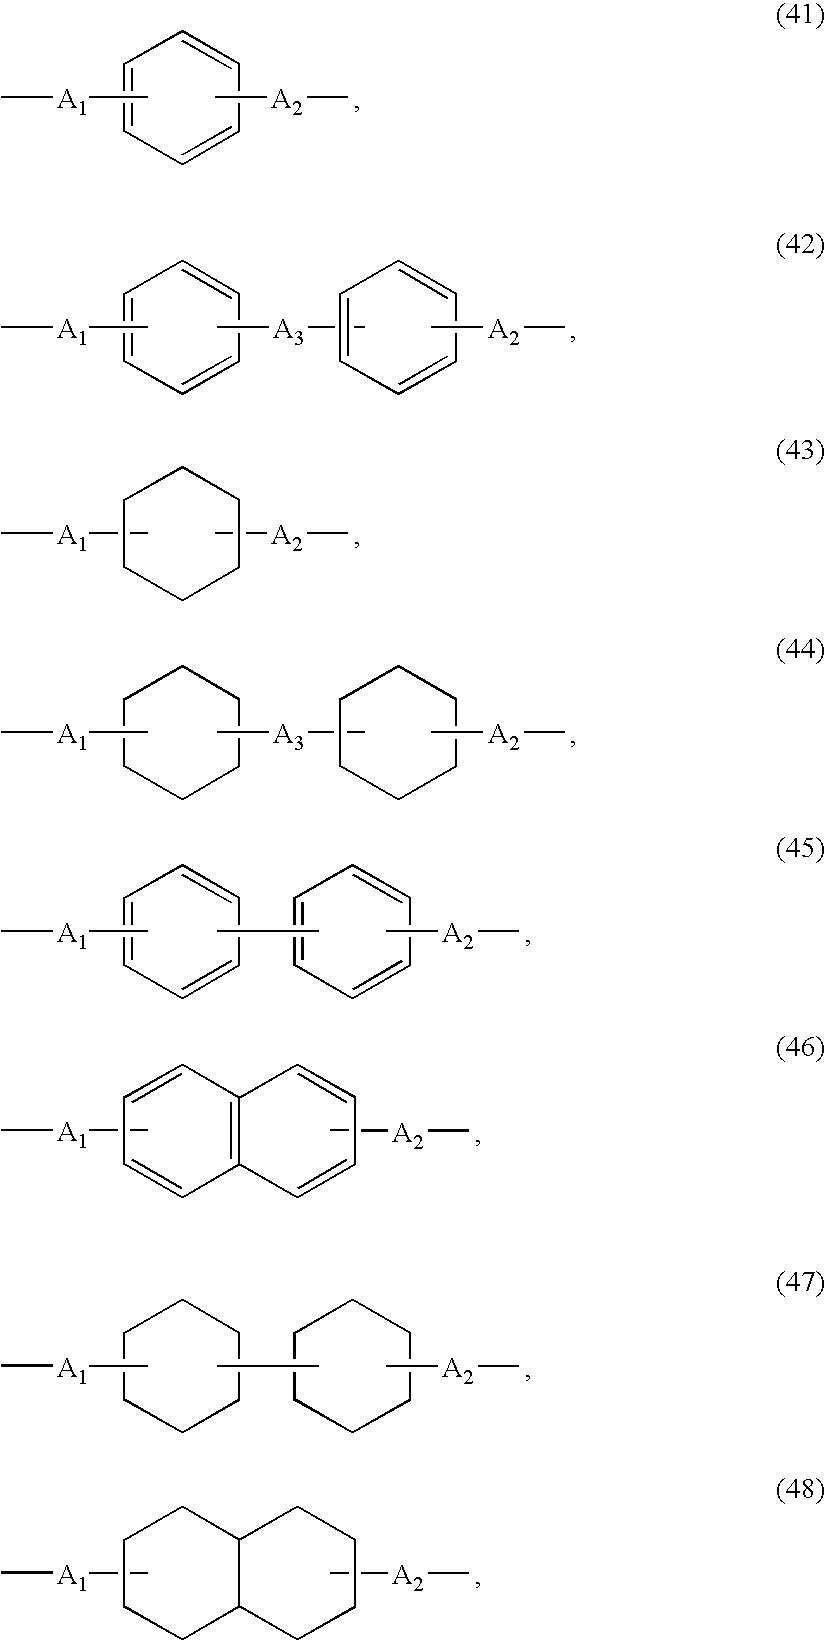 Figure US20080064527A1-20080313-C00027